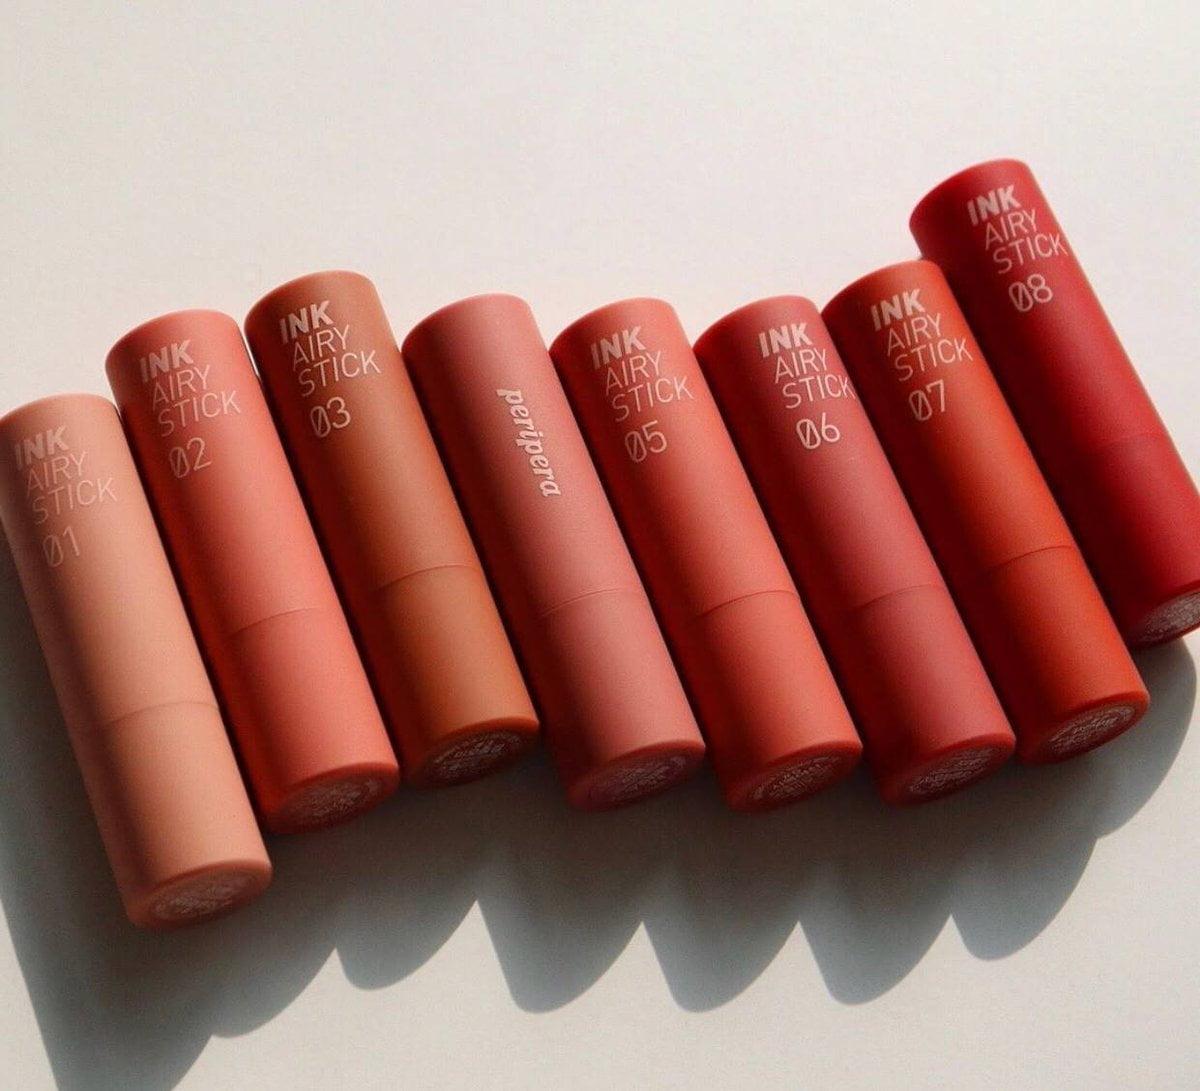 Peripera Ink Airy Stick có được sự ưa thích của các nàng từ cái nhìn đầu tiên bởi vẻ ngoài xinh xắn